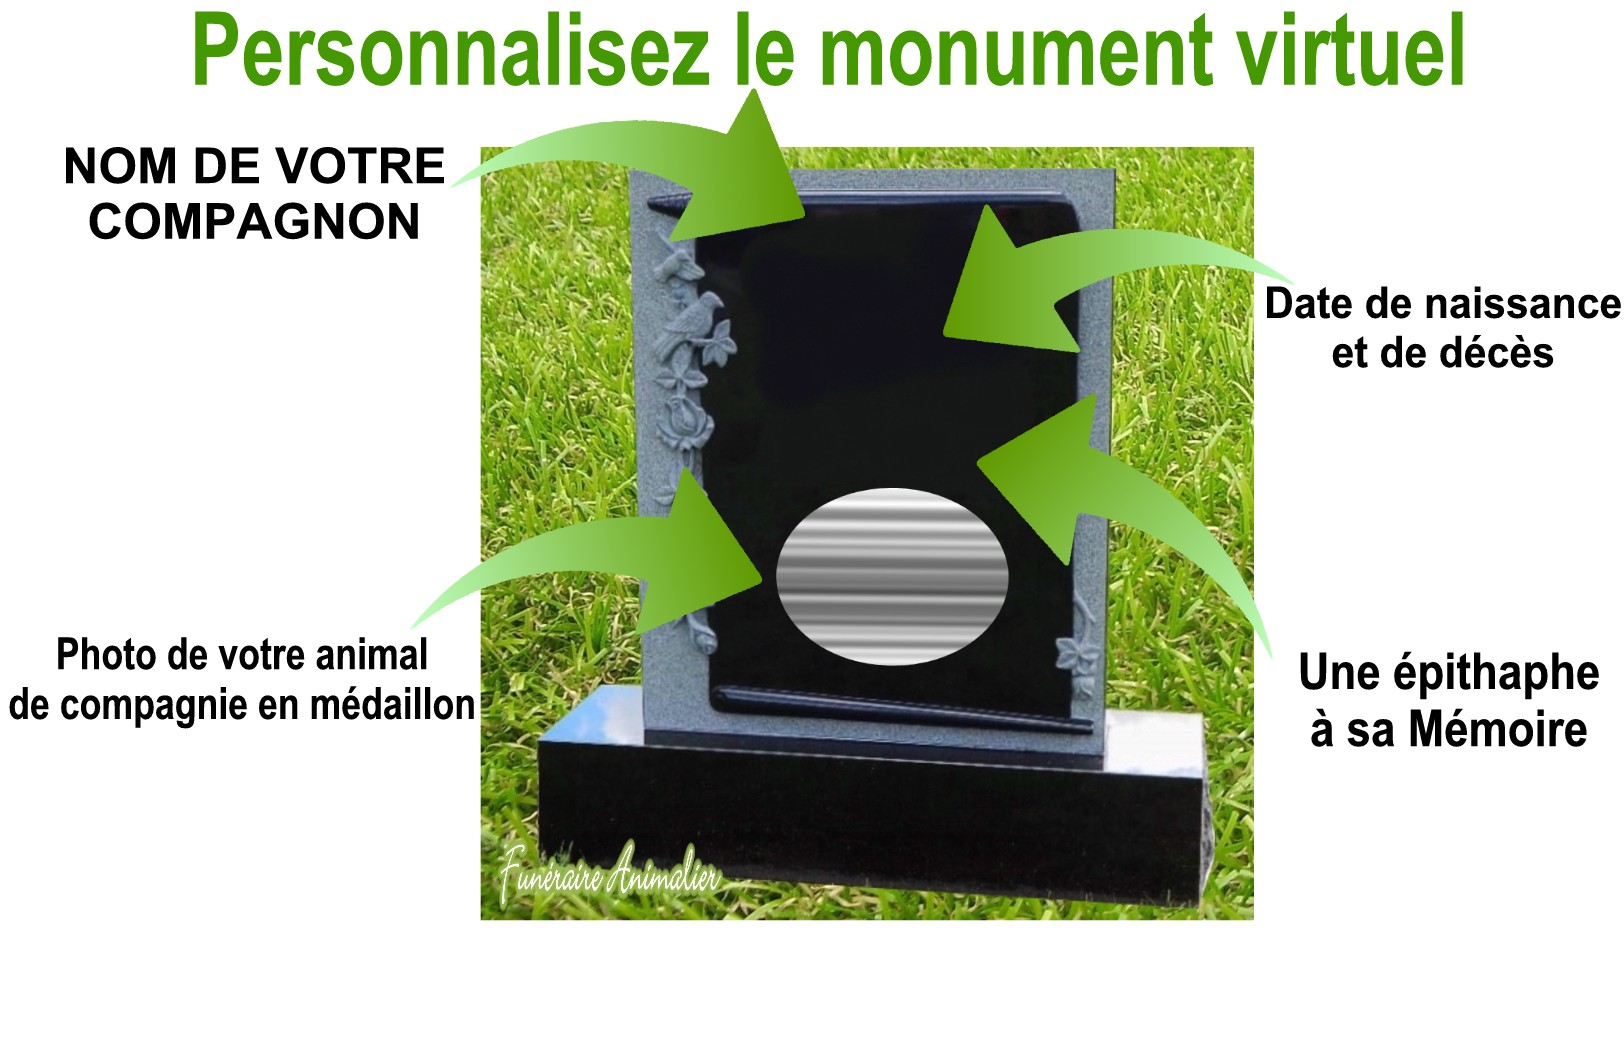 inscription au cimetière virtuel funéraire animalier